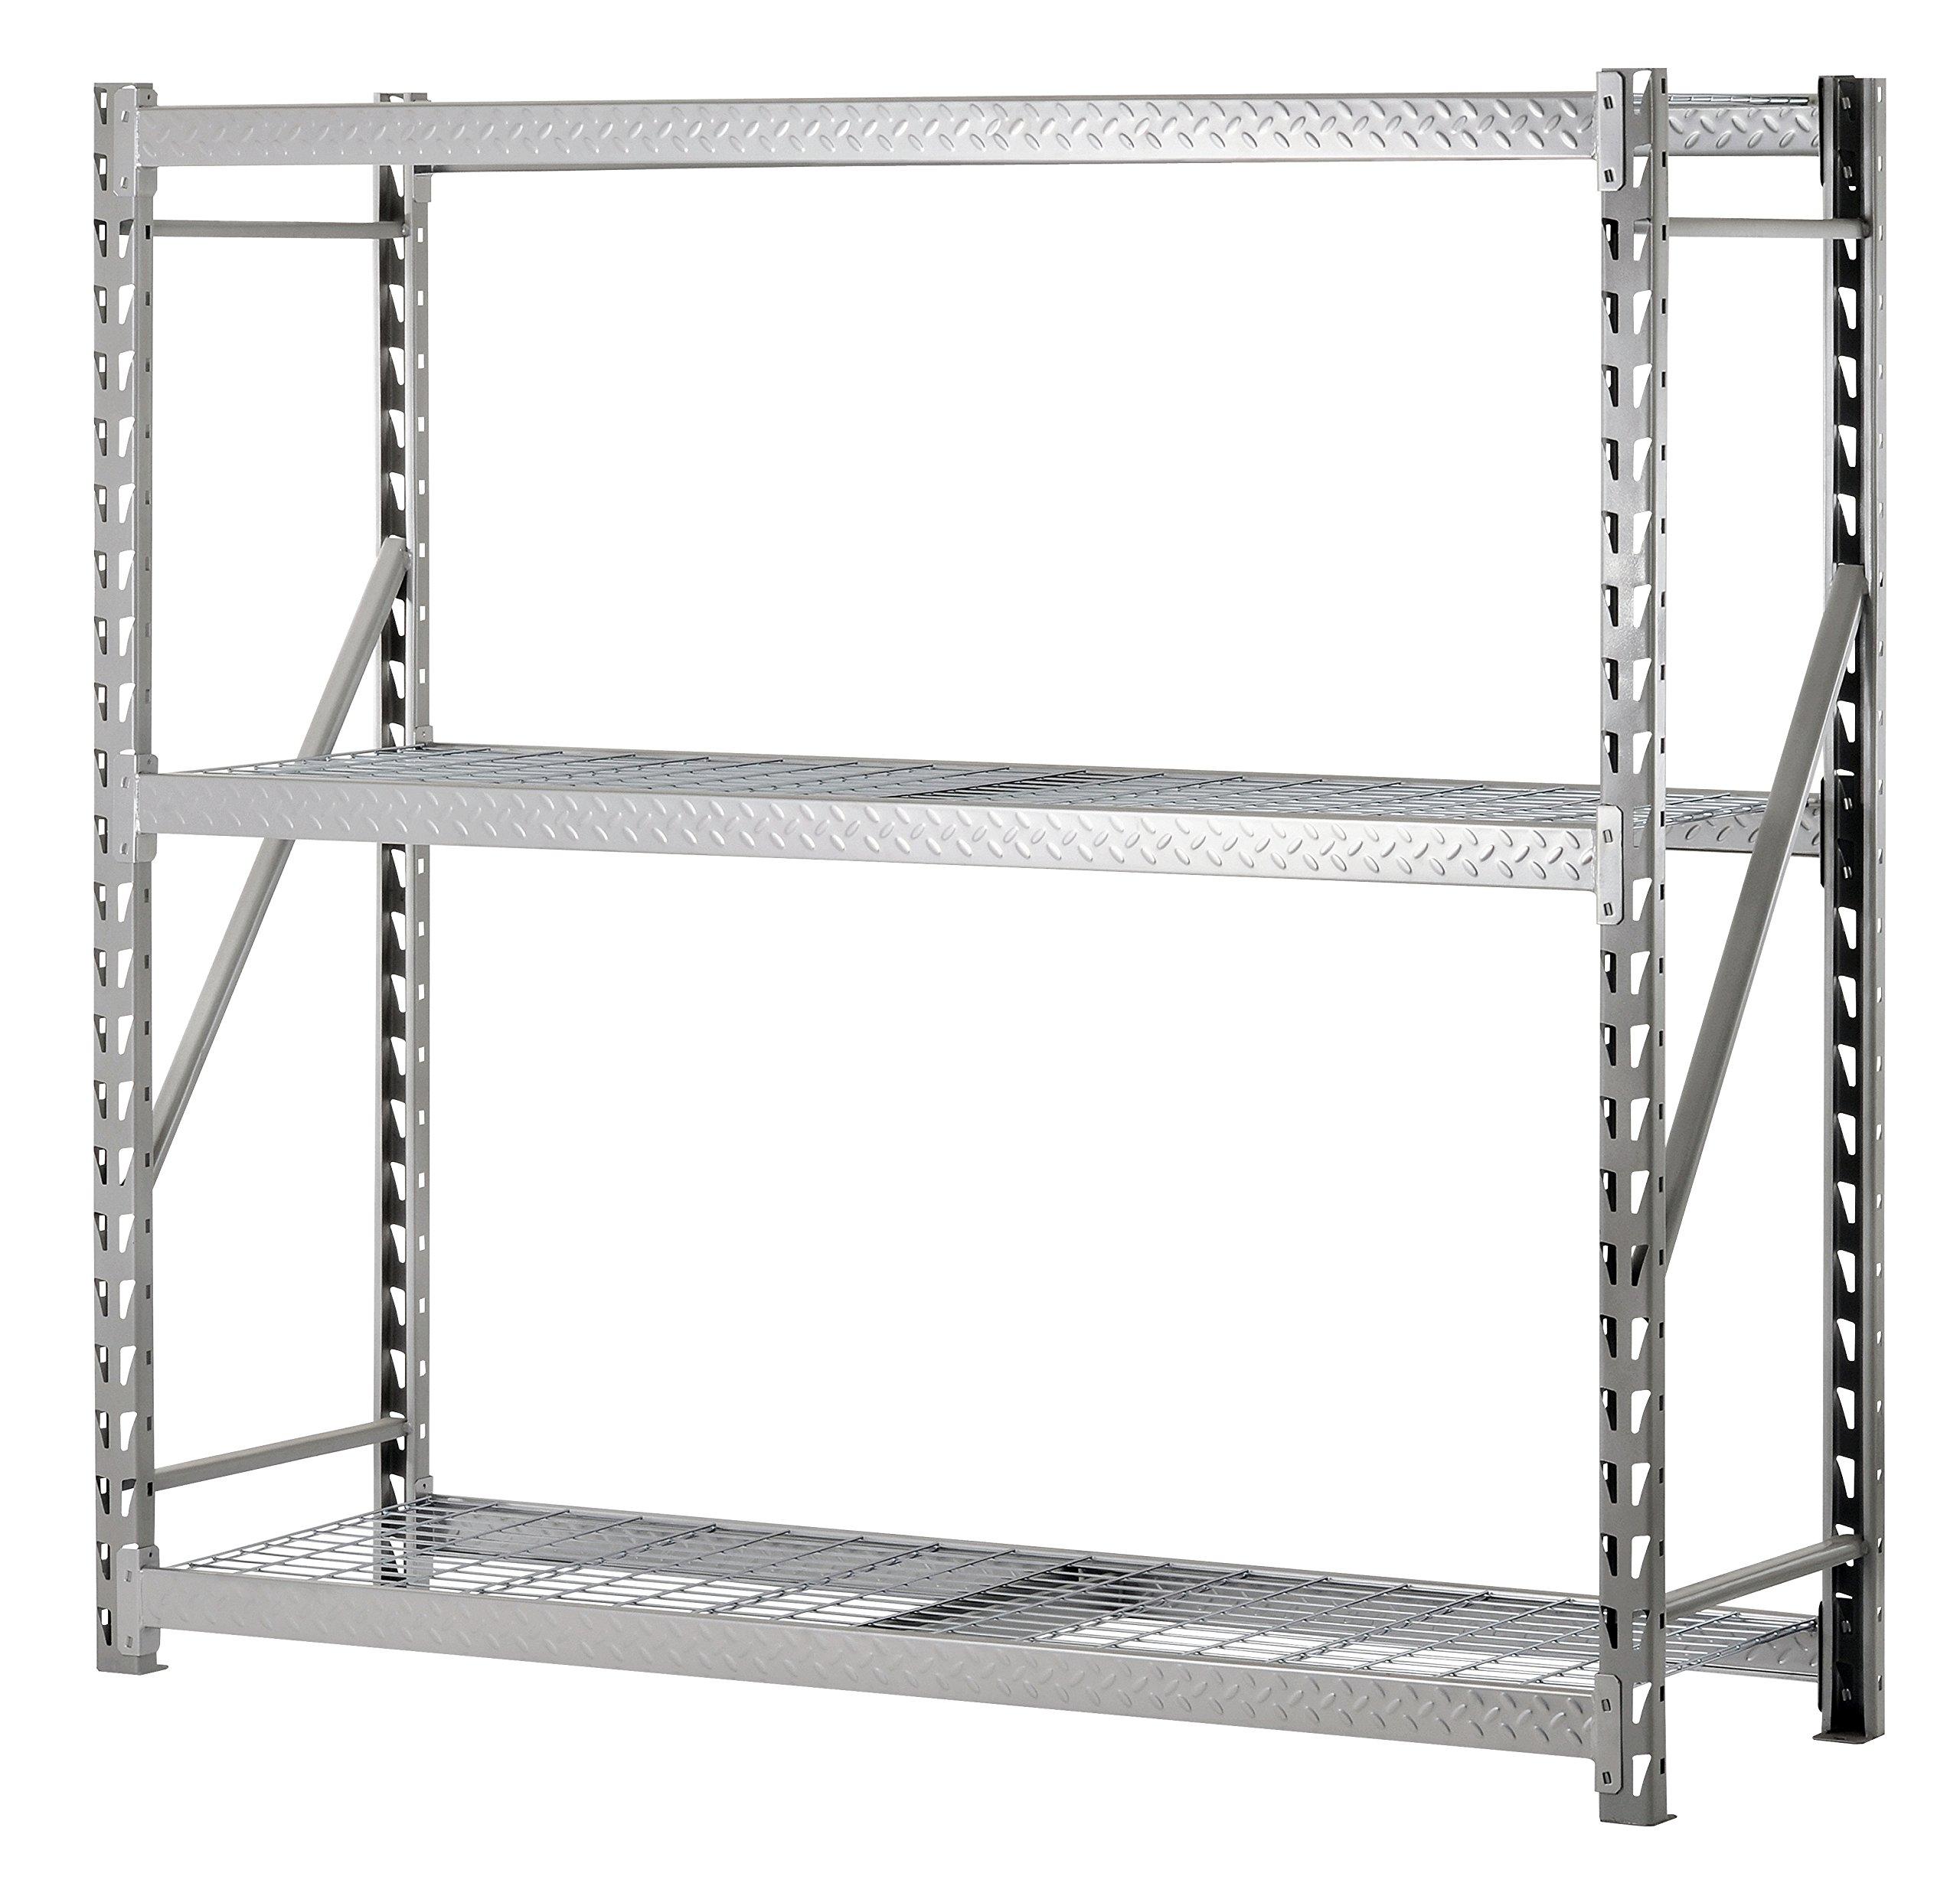 Muscle Rack TP722472W3 3-Shelf Steel Treadplate Welded Rack, Length: 24'', Height: 72'', Width: 77'', Silver by Muscle Rack